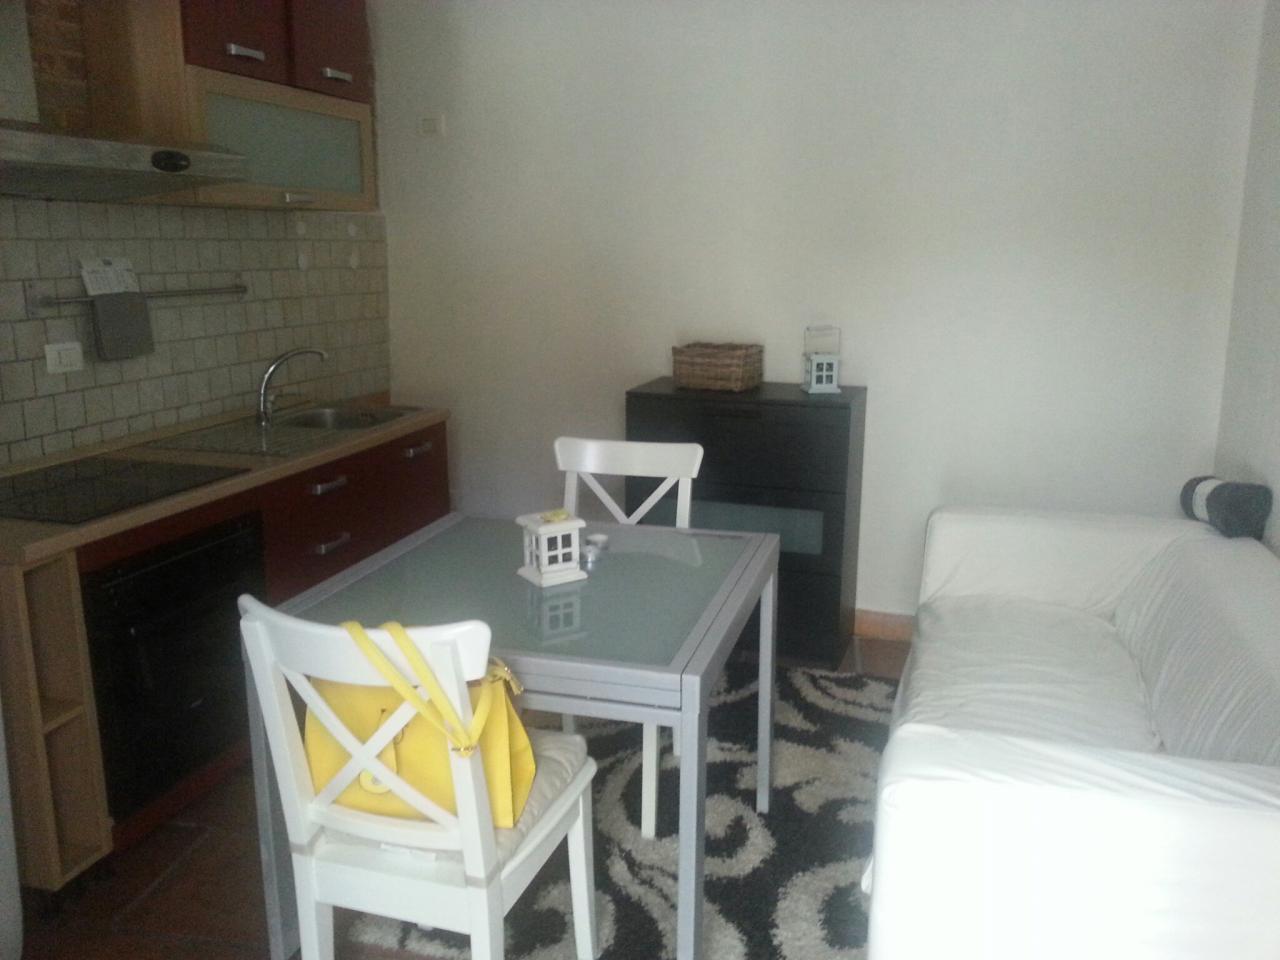 Appartamento in affitto a Casale Monferrato, 2 locali, prezzo € 300 | CambioCasa.it